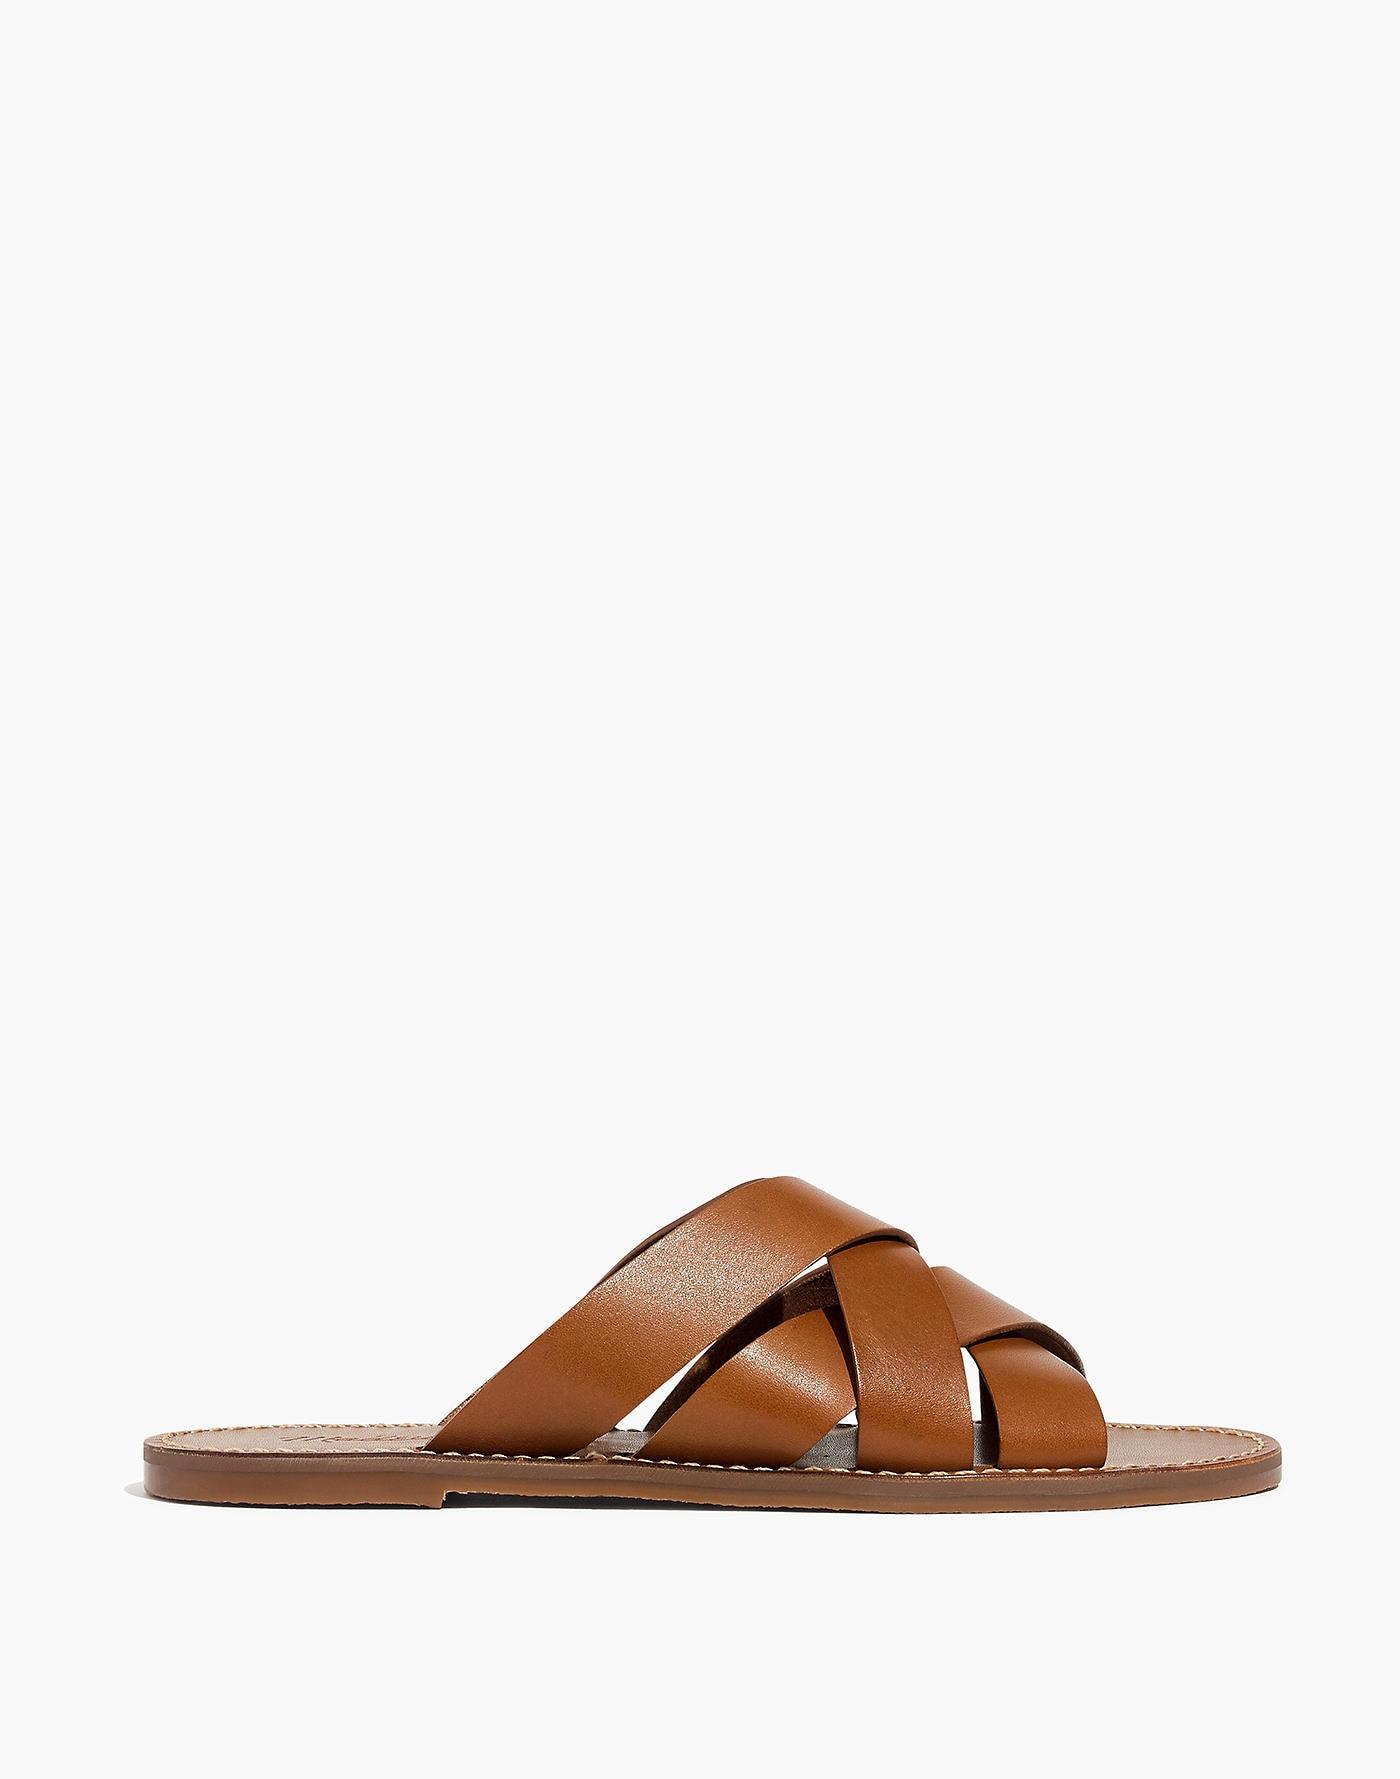 4d802cb6e6e1 Madewell - Brown The Boardwalk Woven Slide Sandal - Lyst. View fullscreen